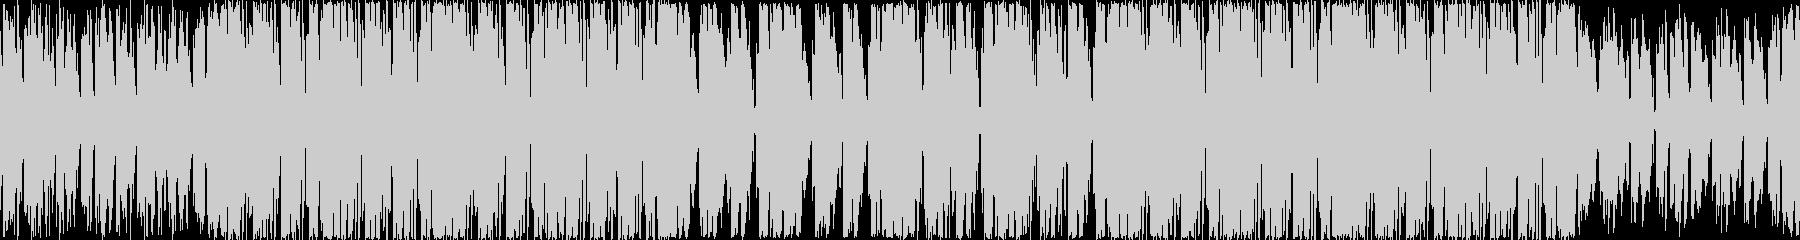 大人の雰囲気のハウスミュージックループの未再生の波形